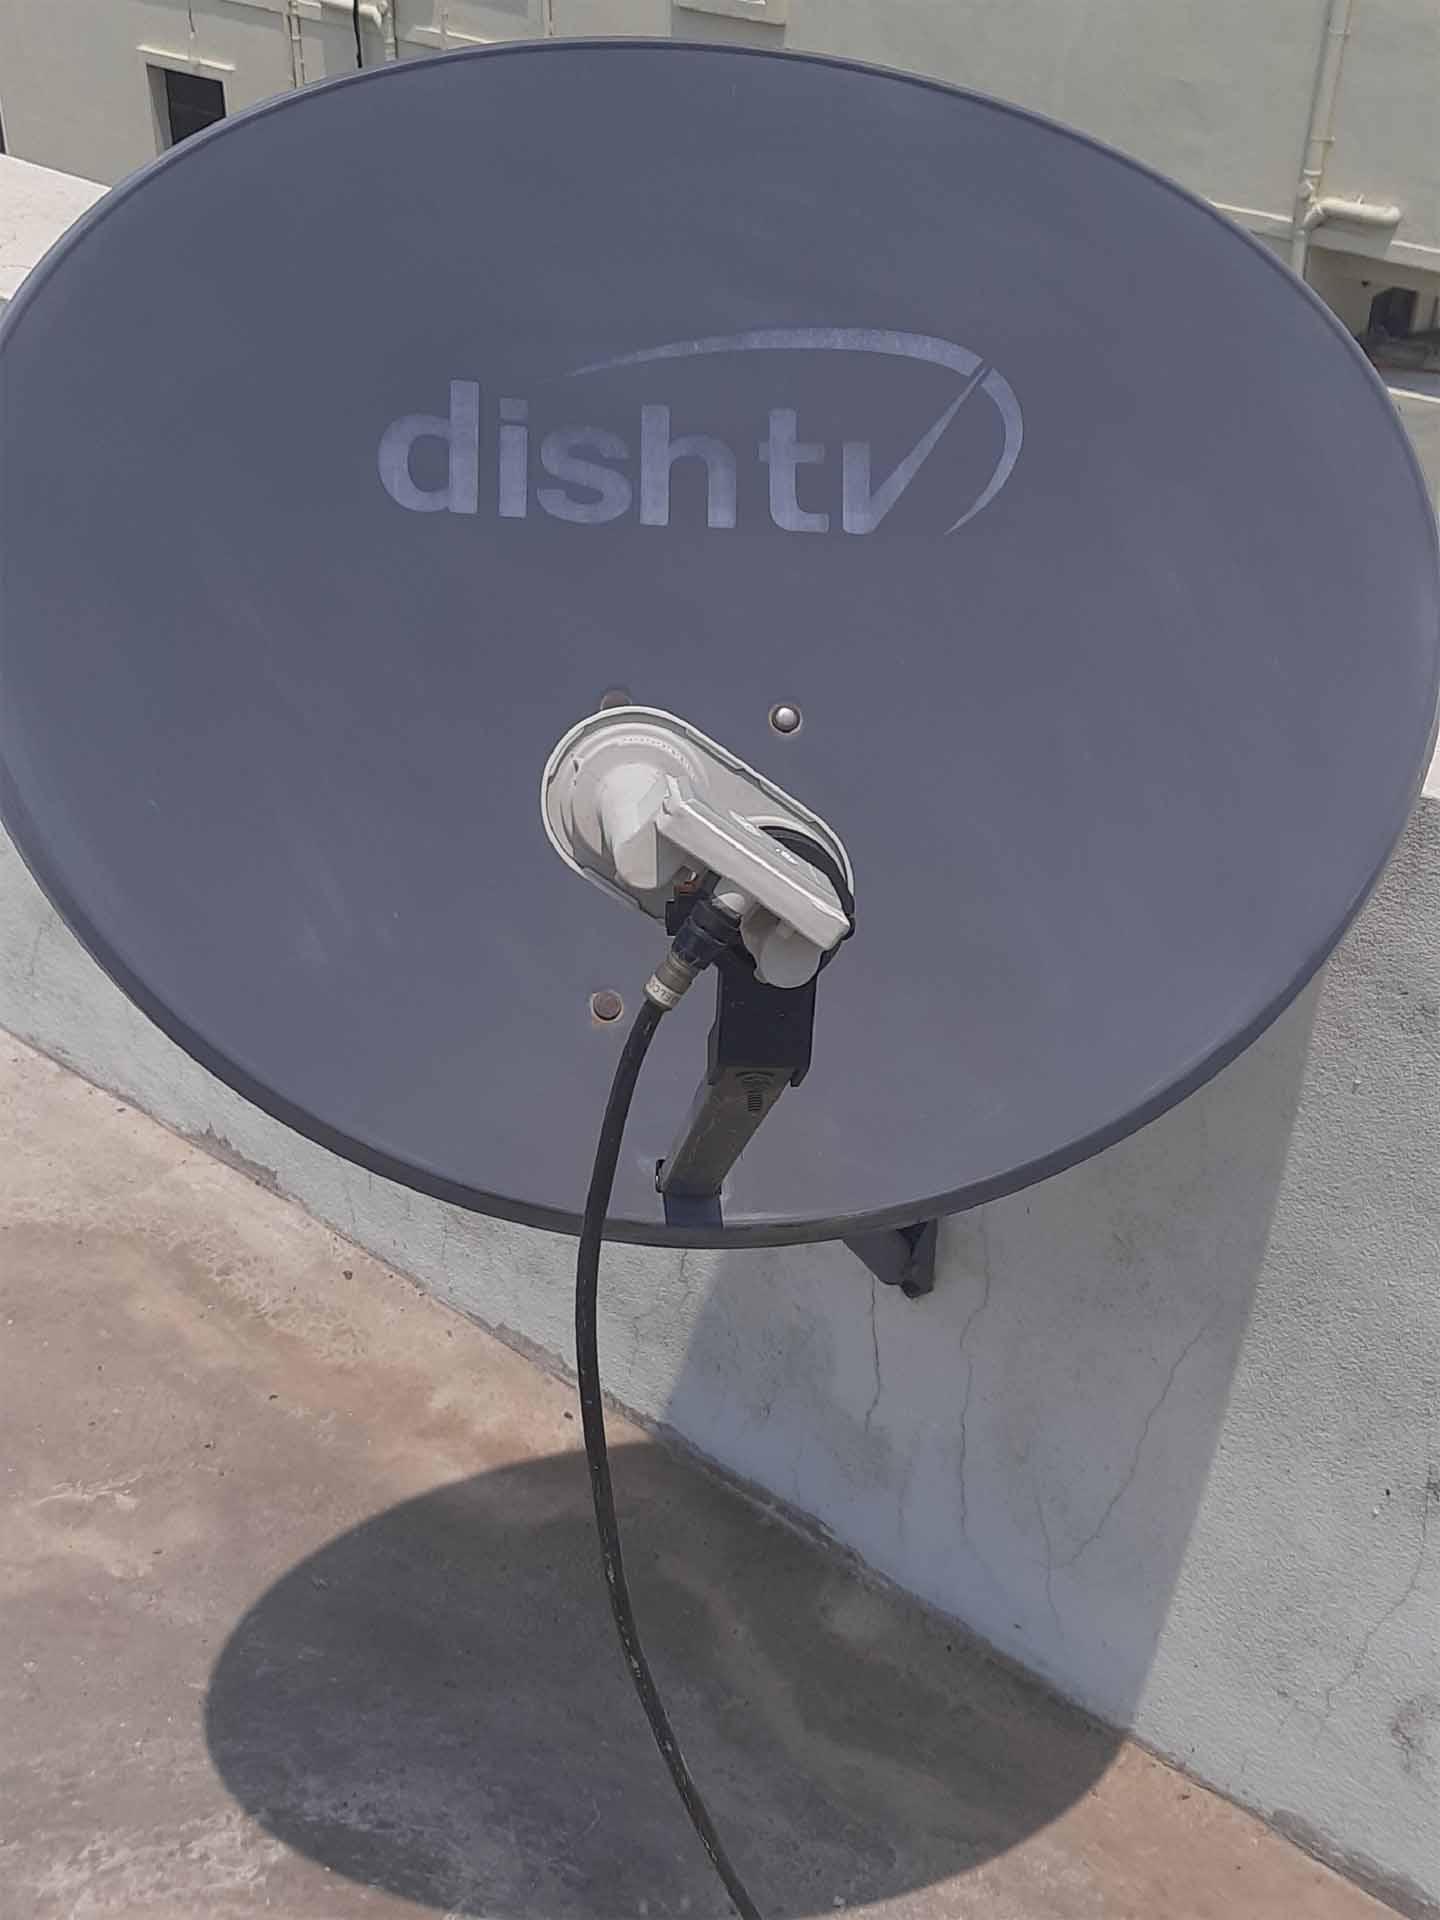 Dish TV Dish